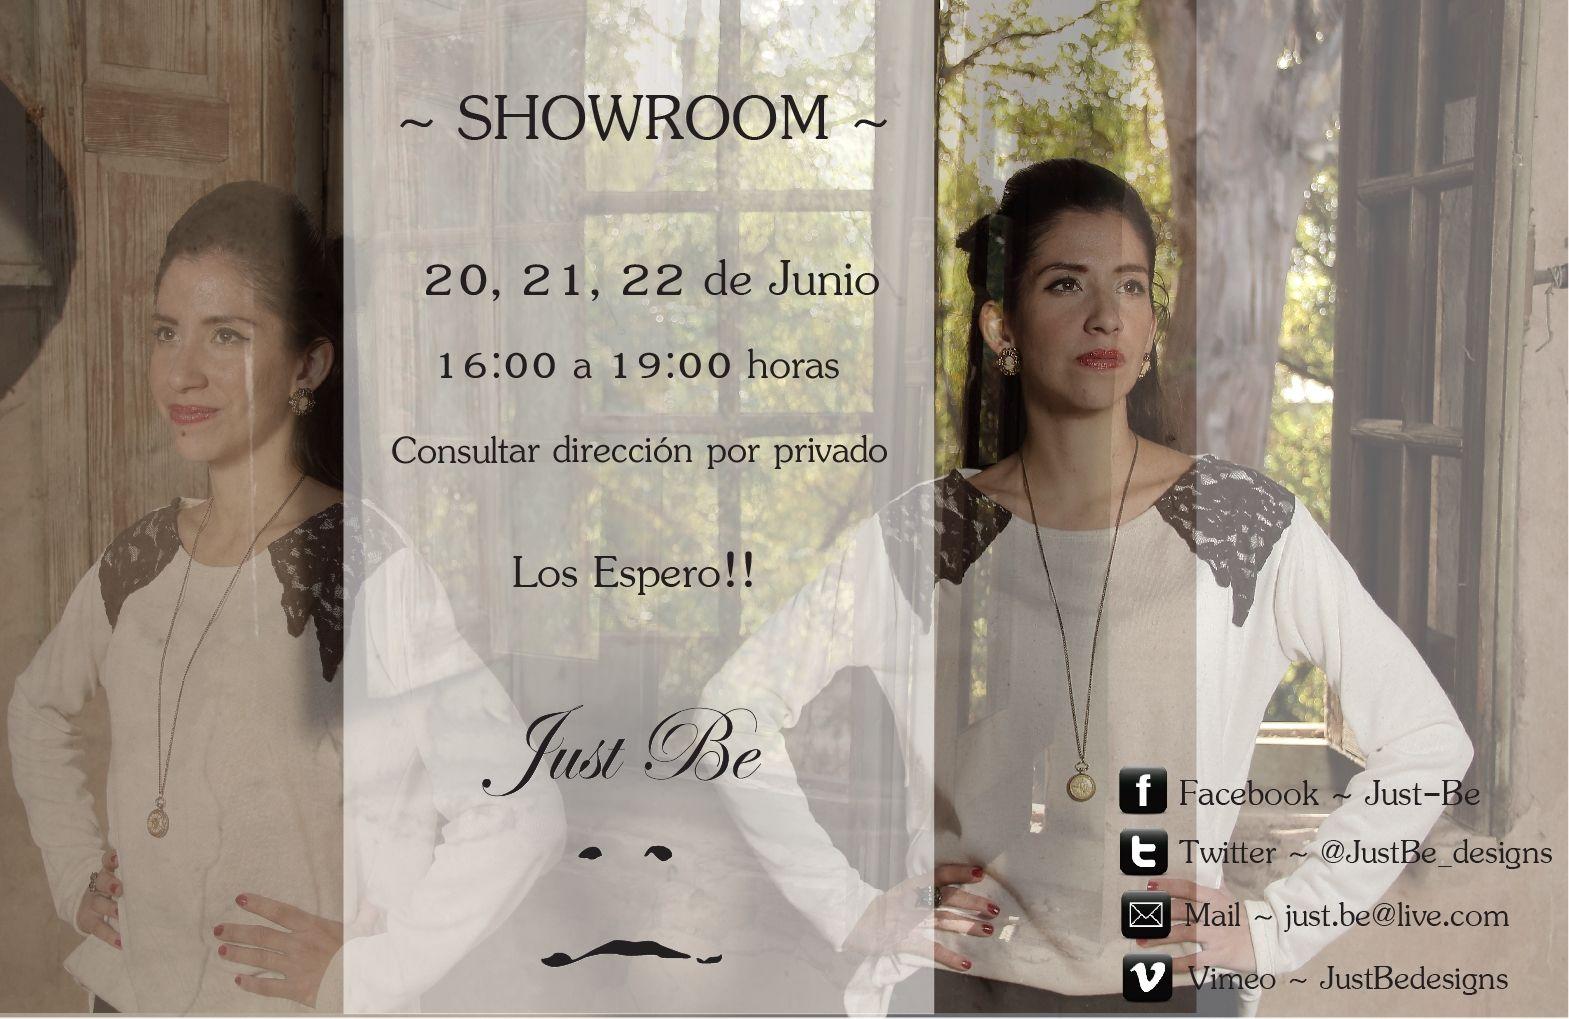 Showroom Otoño~Invierno 2013